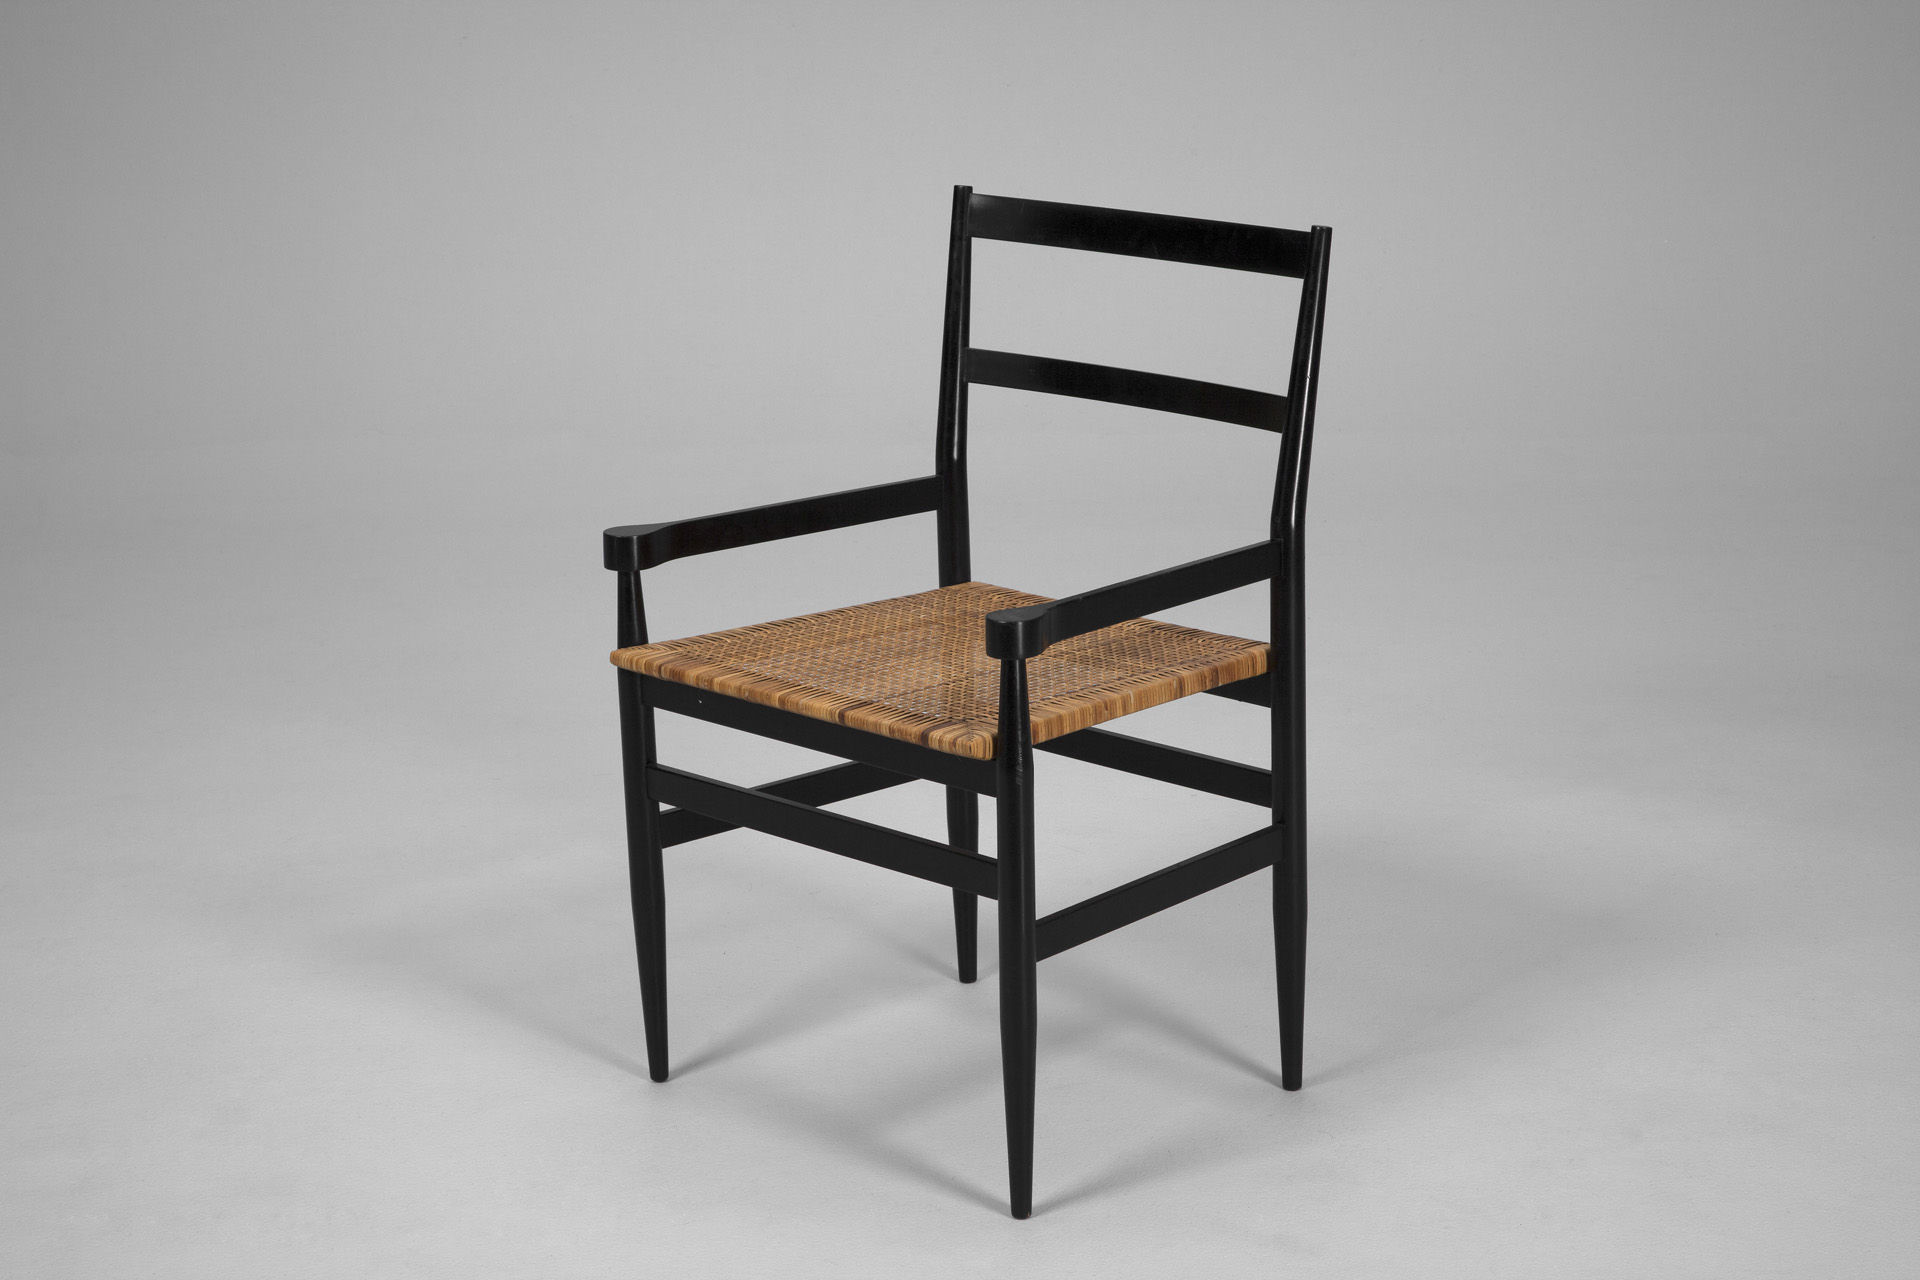 Jacksons Chair Gio Ponti